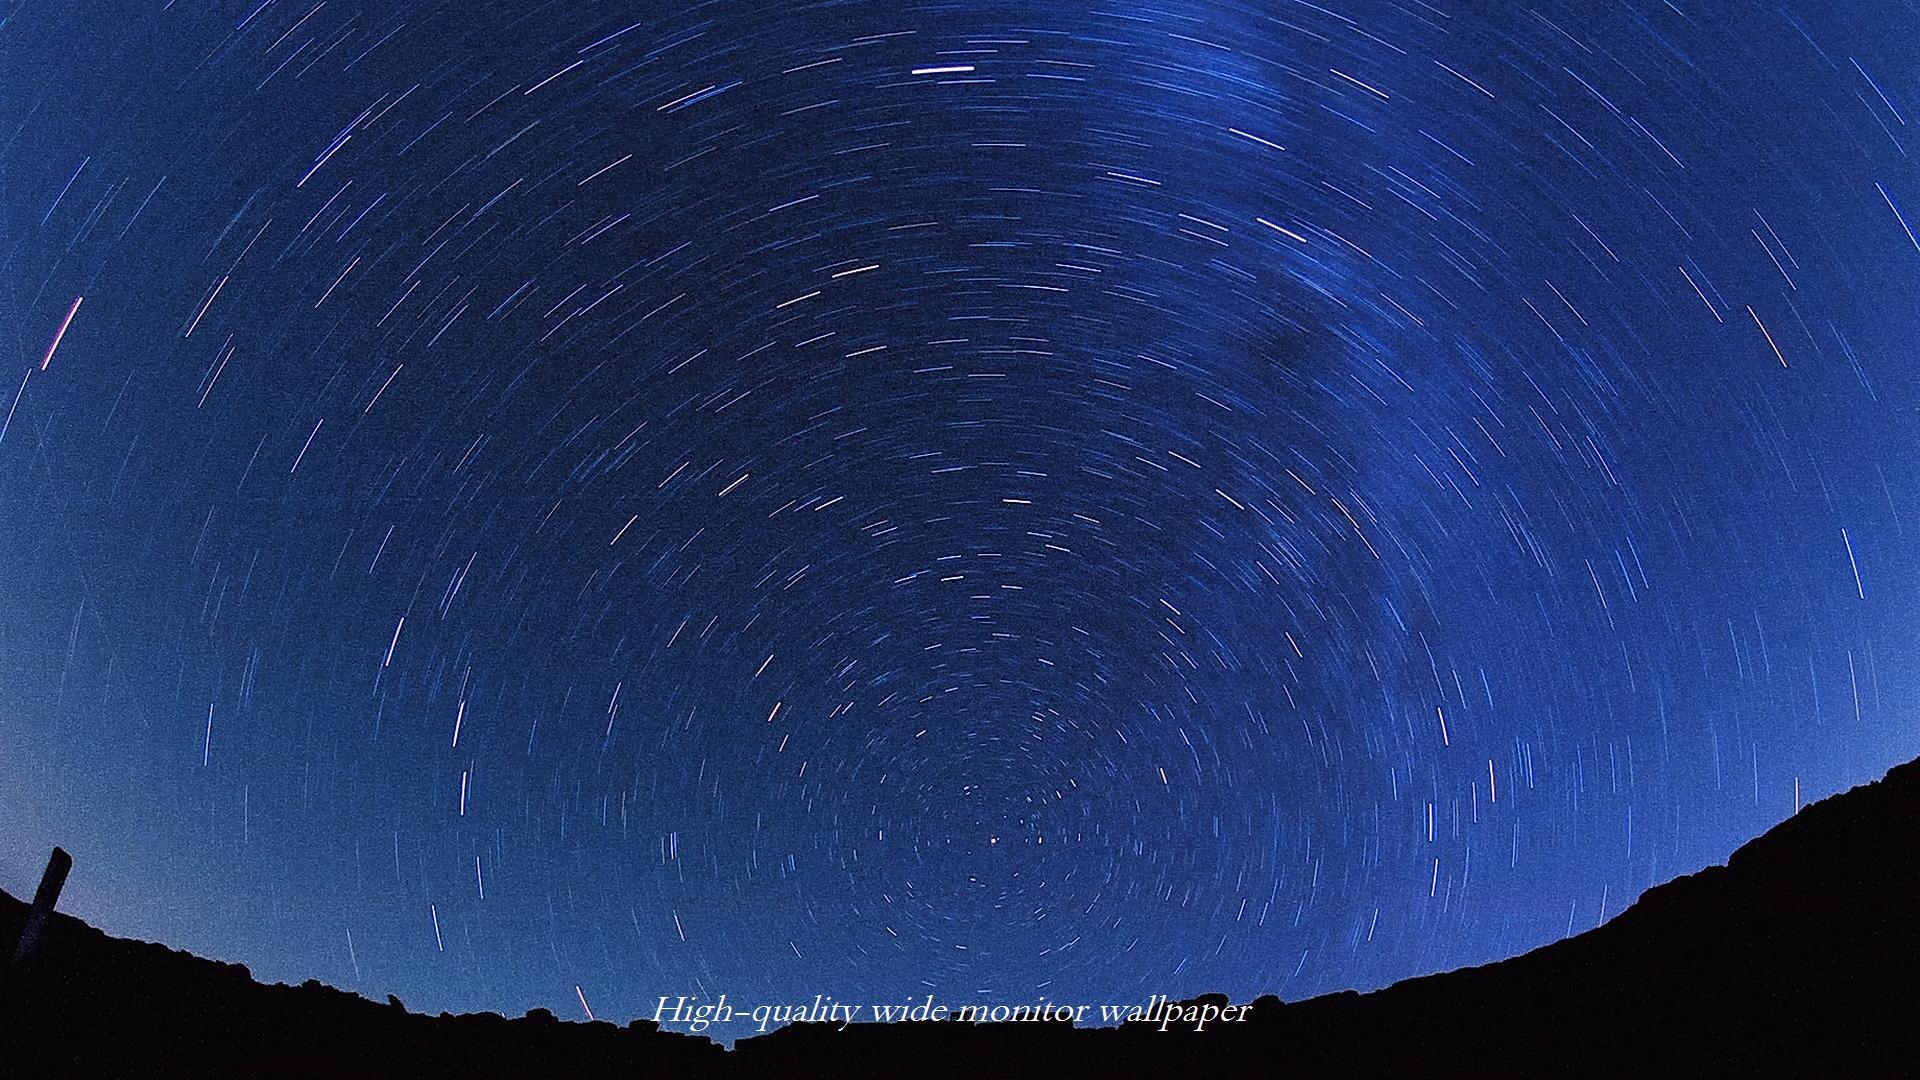 フィルムで撮影した北の夜空をモチーフにしましたワイドモニター 19 1080 高画質壁紙 アスペクト比 16 9 星景写真 長時間露光 Time Lapse 微速度撮影 夜間撮影 インターバル撮影